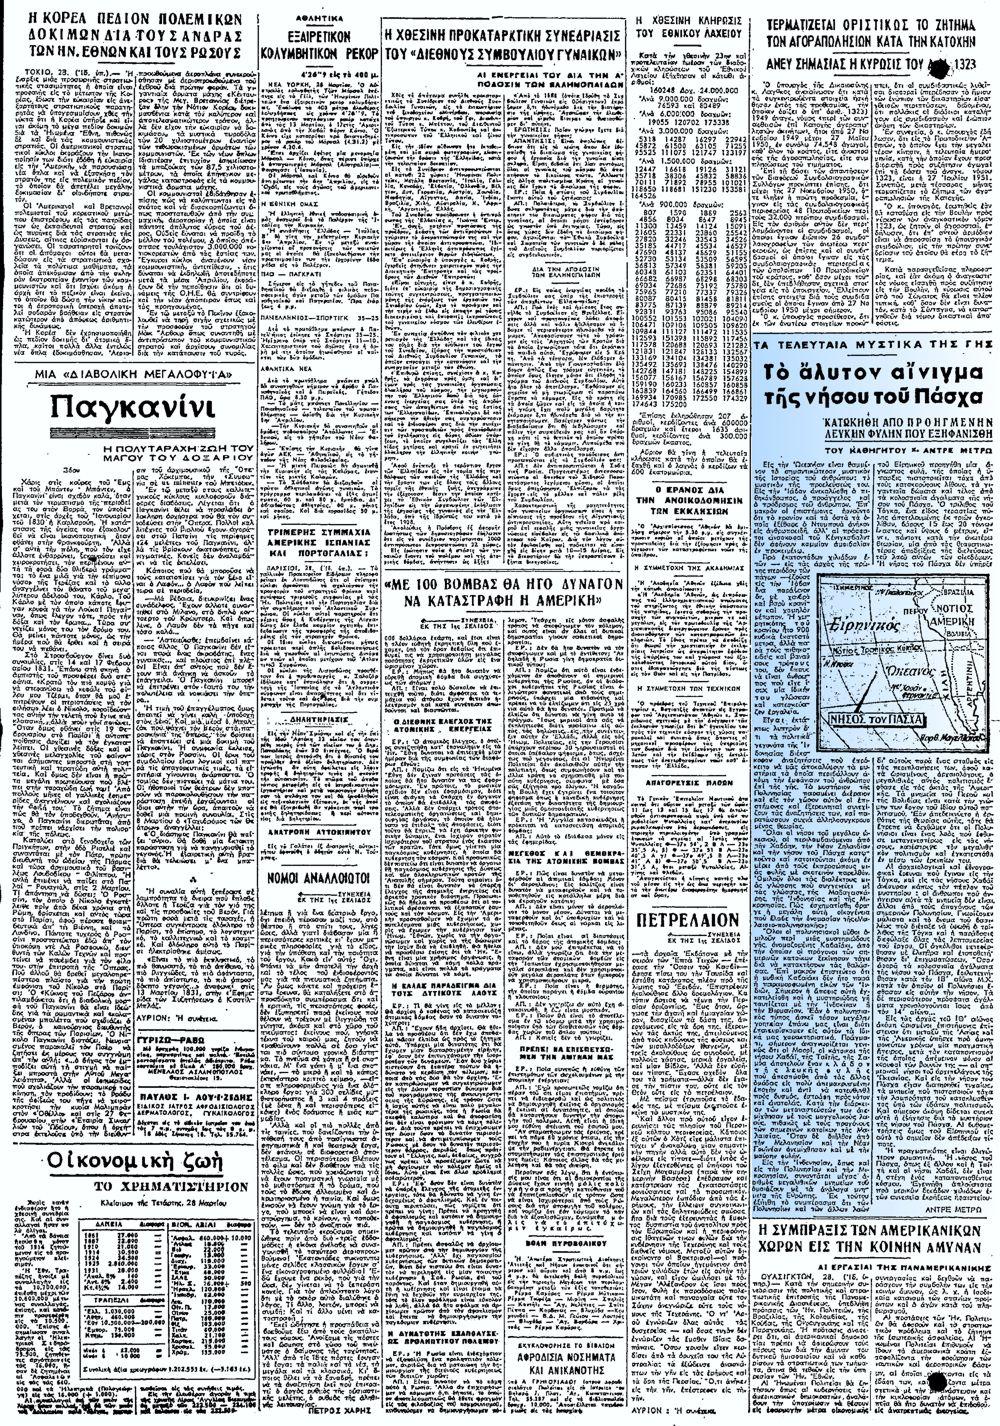 """Το άρθρο, όπως δημοσιεύθηκε στην εφημερίδα """"ΕΜΠΡΟΣ"""", στις 29/03/1951"""